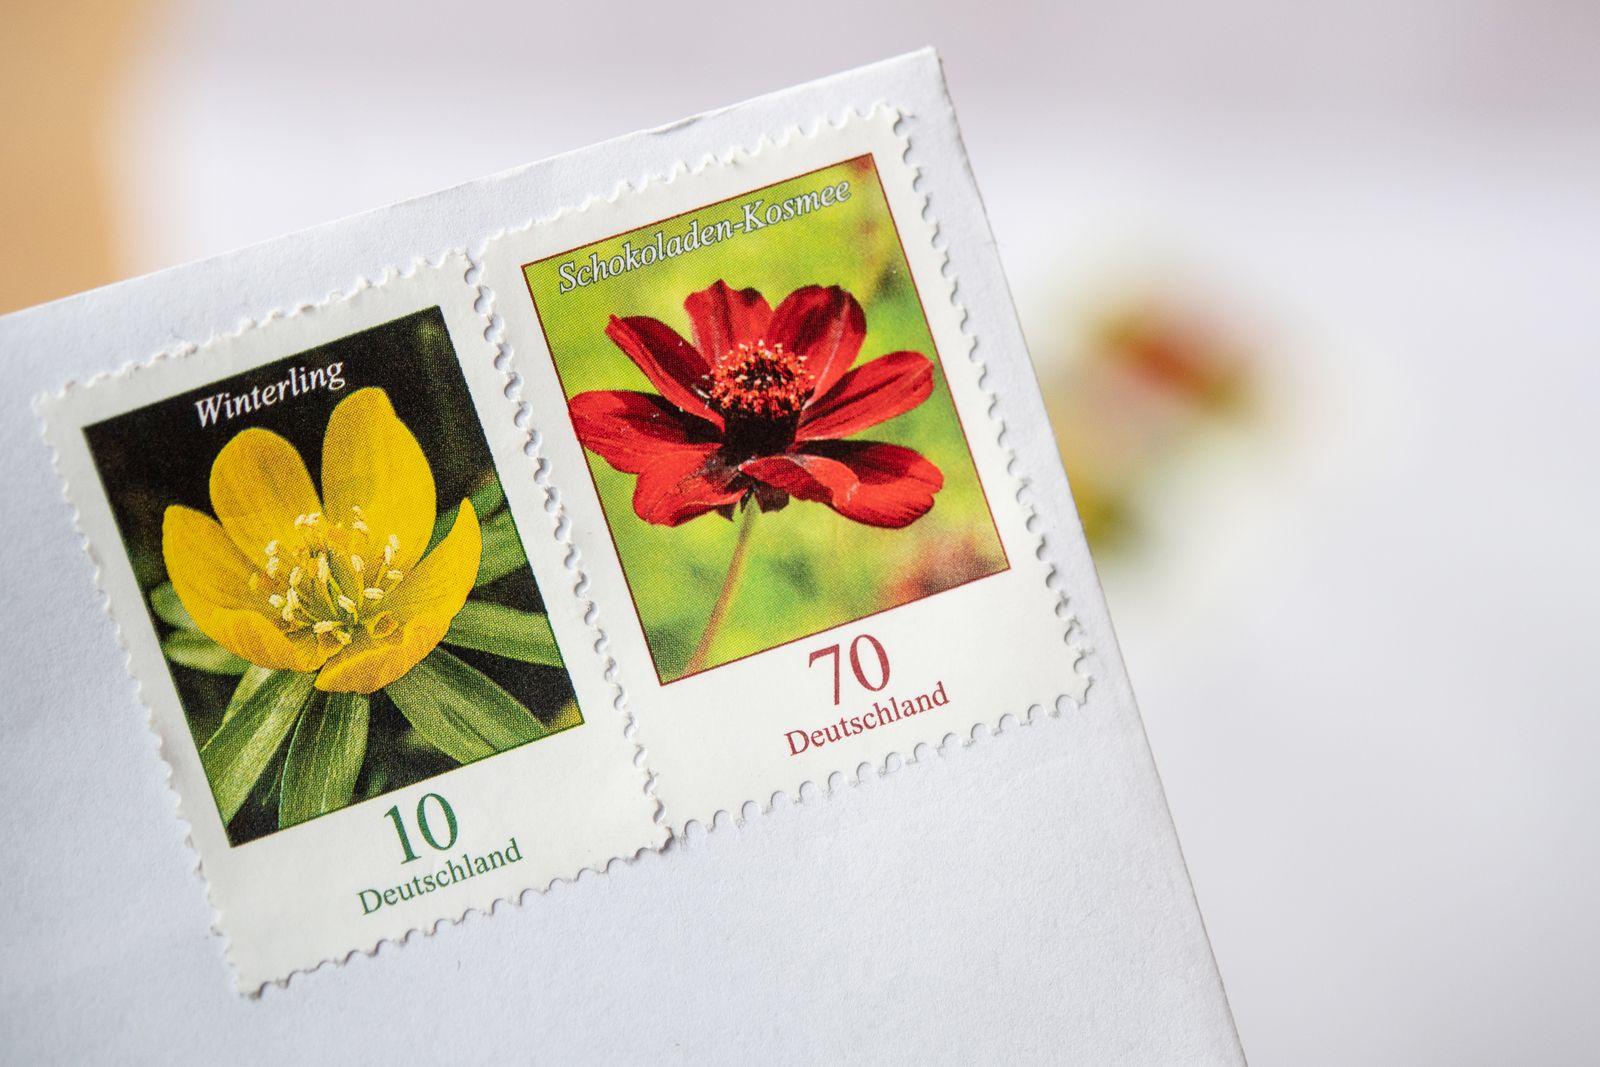 Briefporto steigt am 1. Juli - Genehmigung vorläufig erteilt